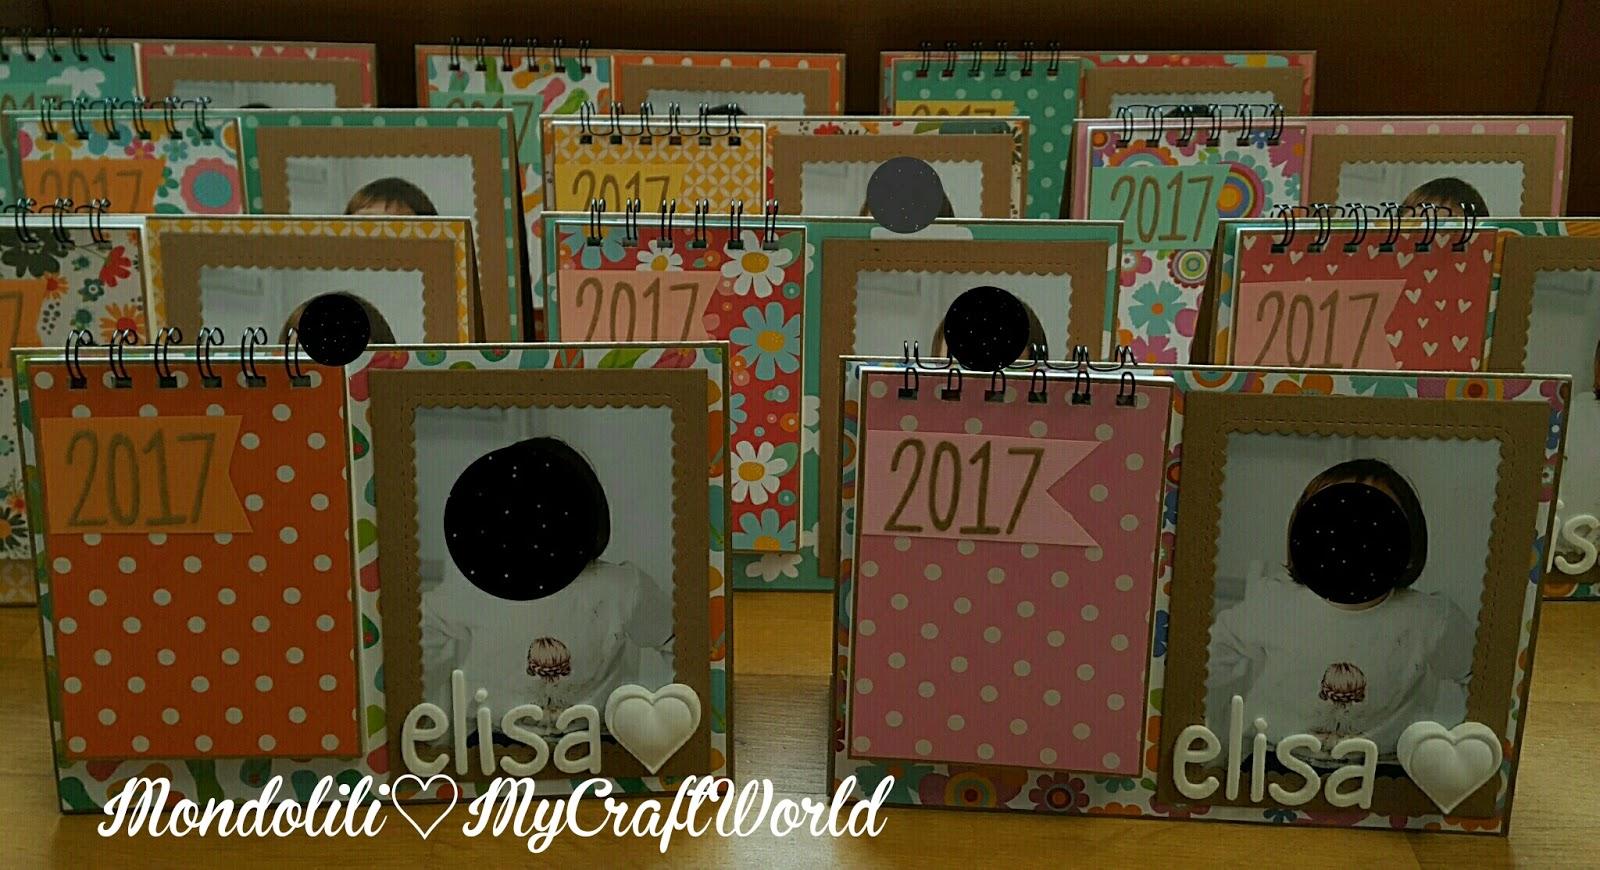 Mondolili calendari da tavolo con foto - Calendari da tavolo con foto ...